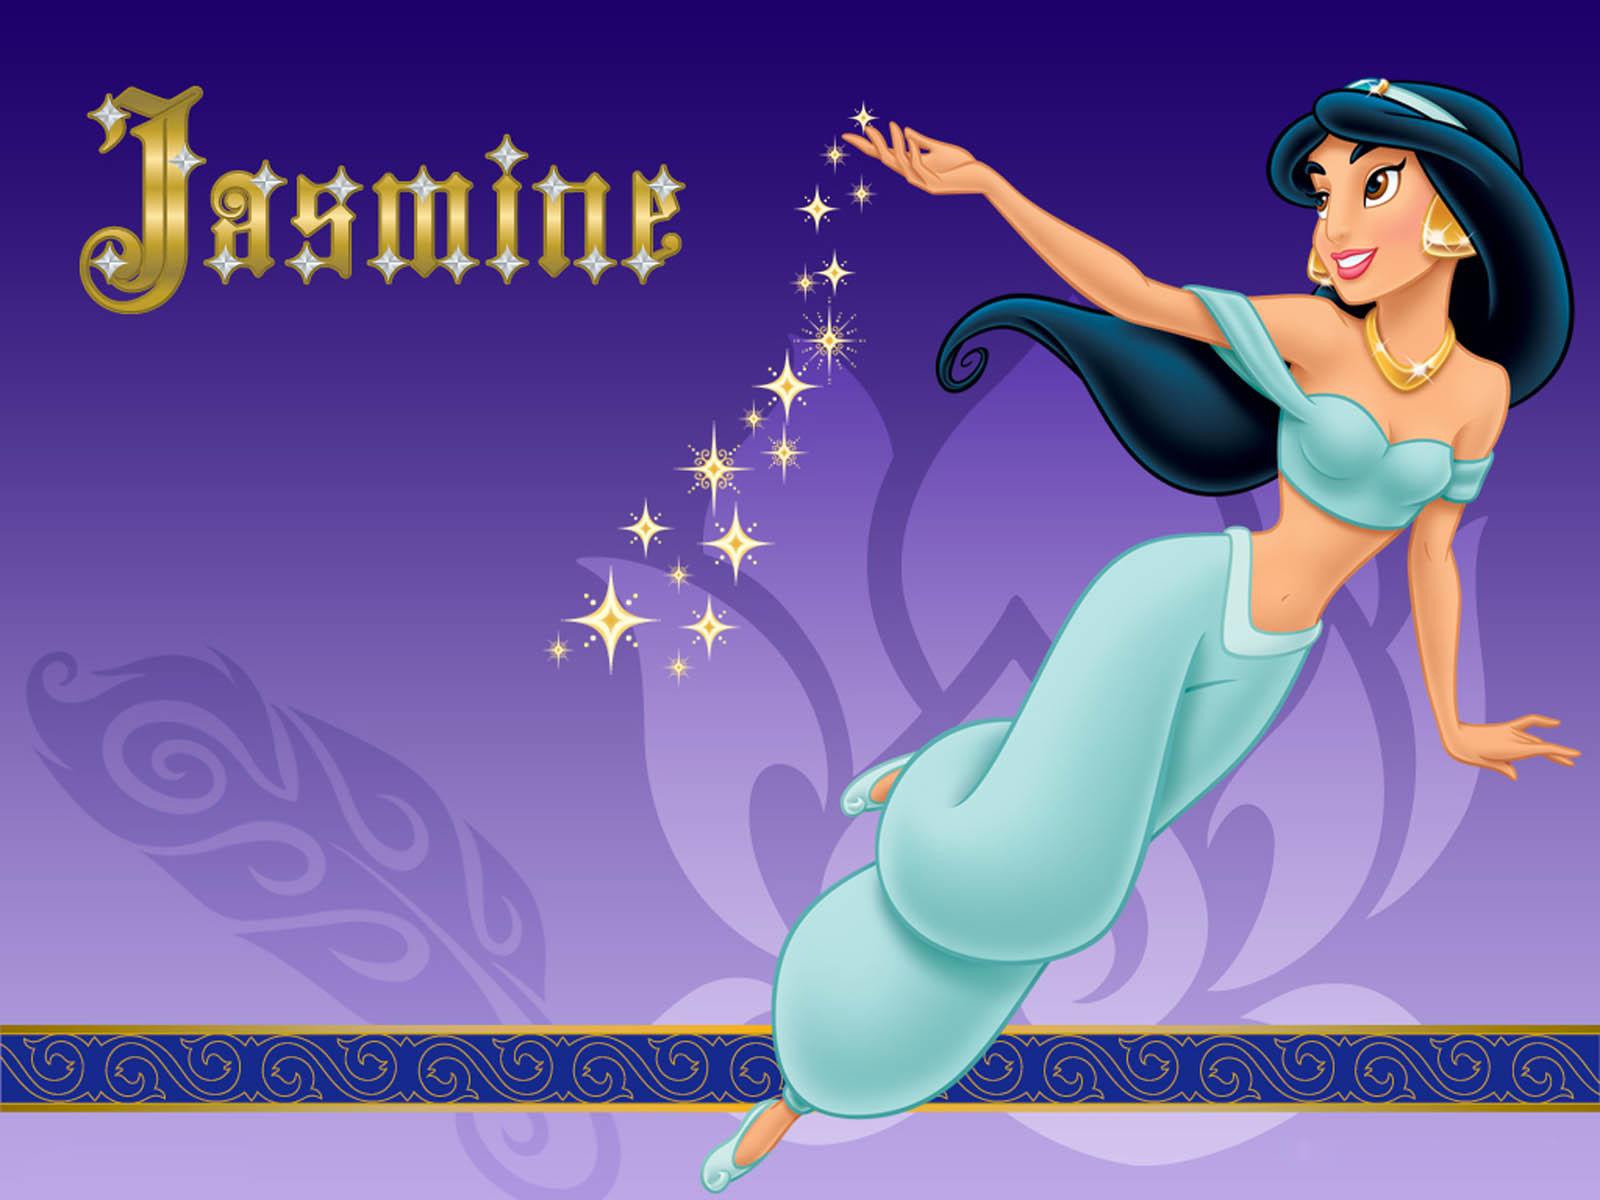 fondo-de-pantalla-de-la-princesa-jazmin-6